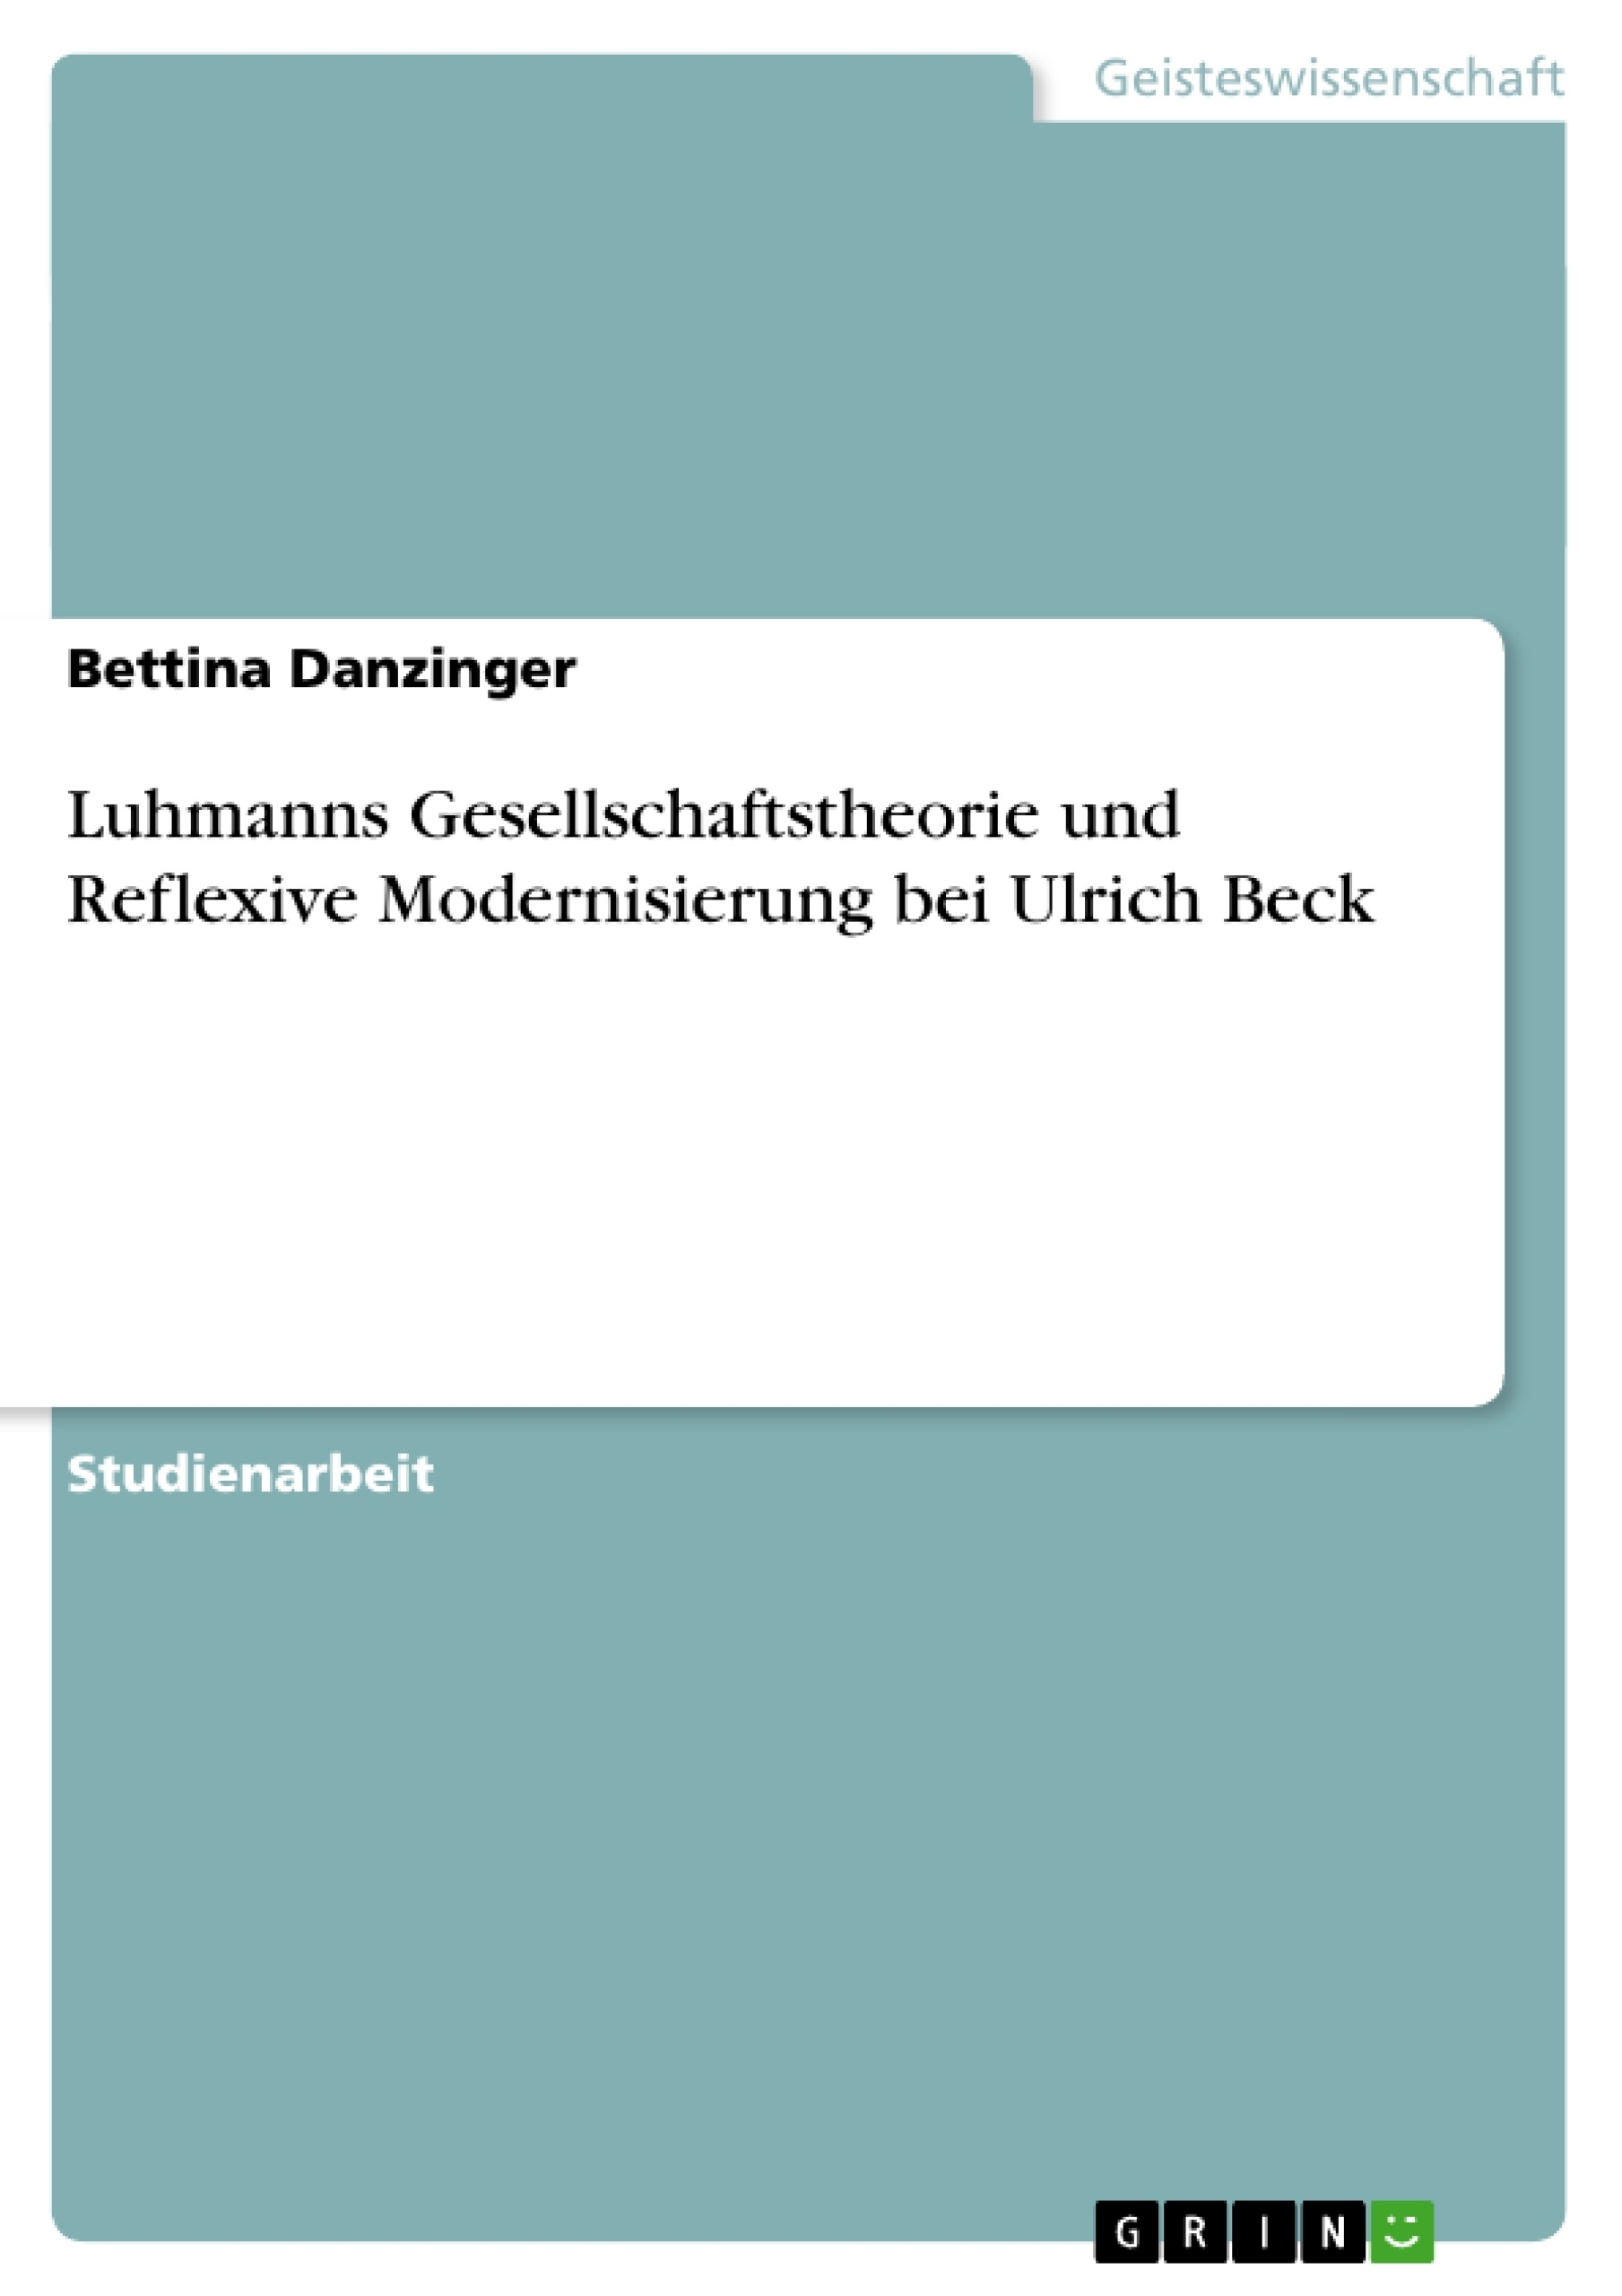 Titel: Luhmanns Gesellschaftstheorie und Reflexive Modernisierung bei Ulrich Beck